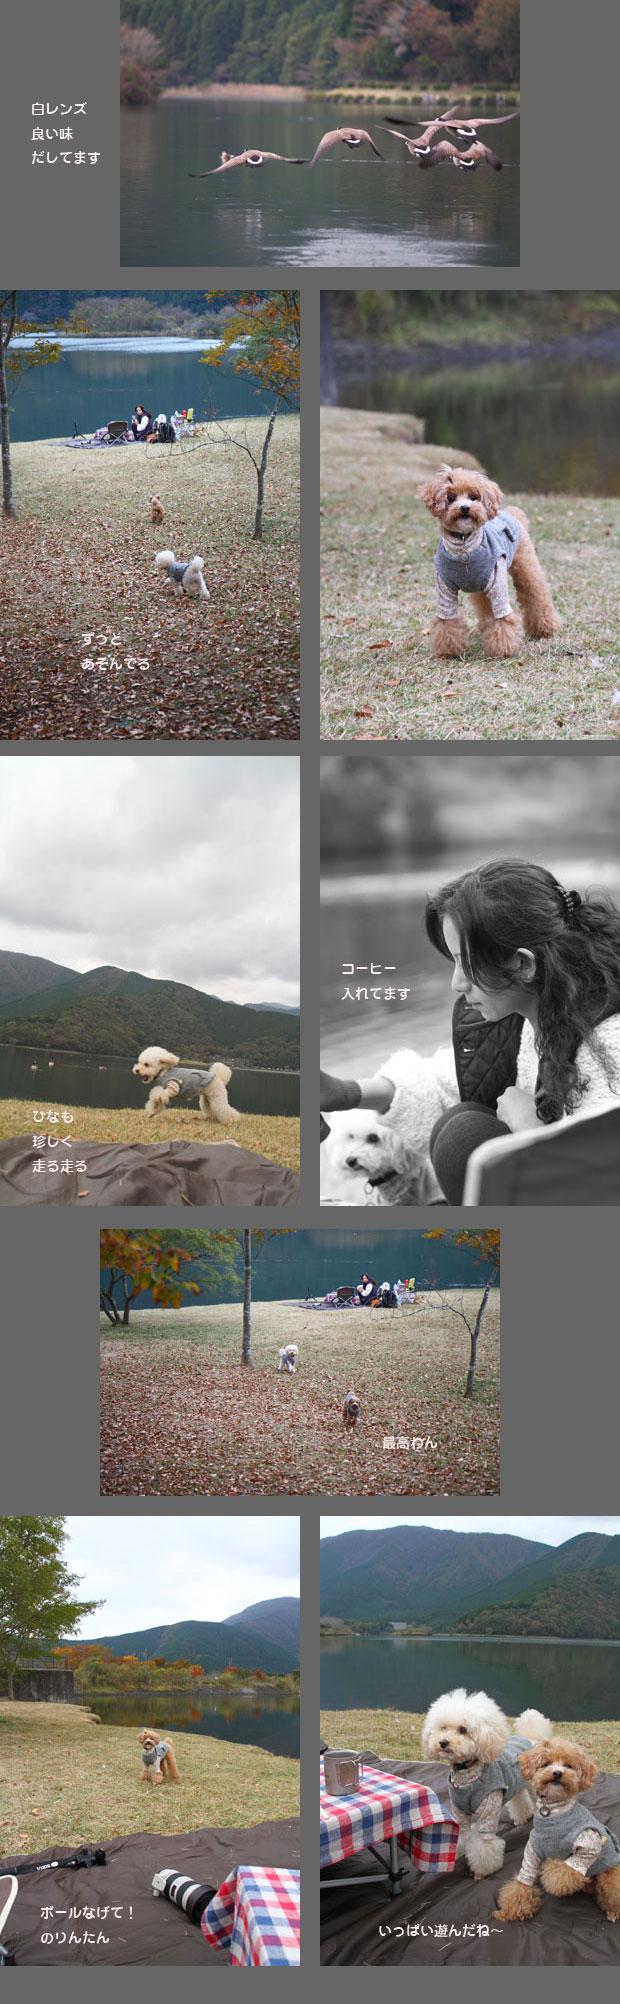 tanukikoh2.jpg